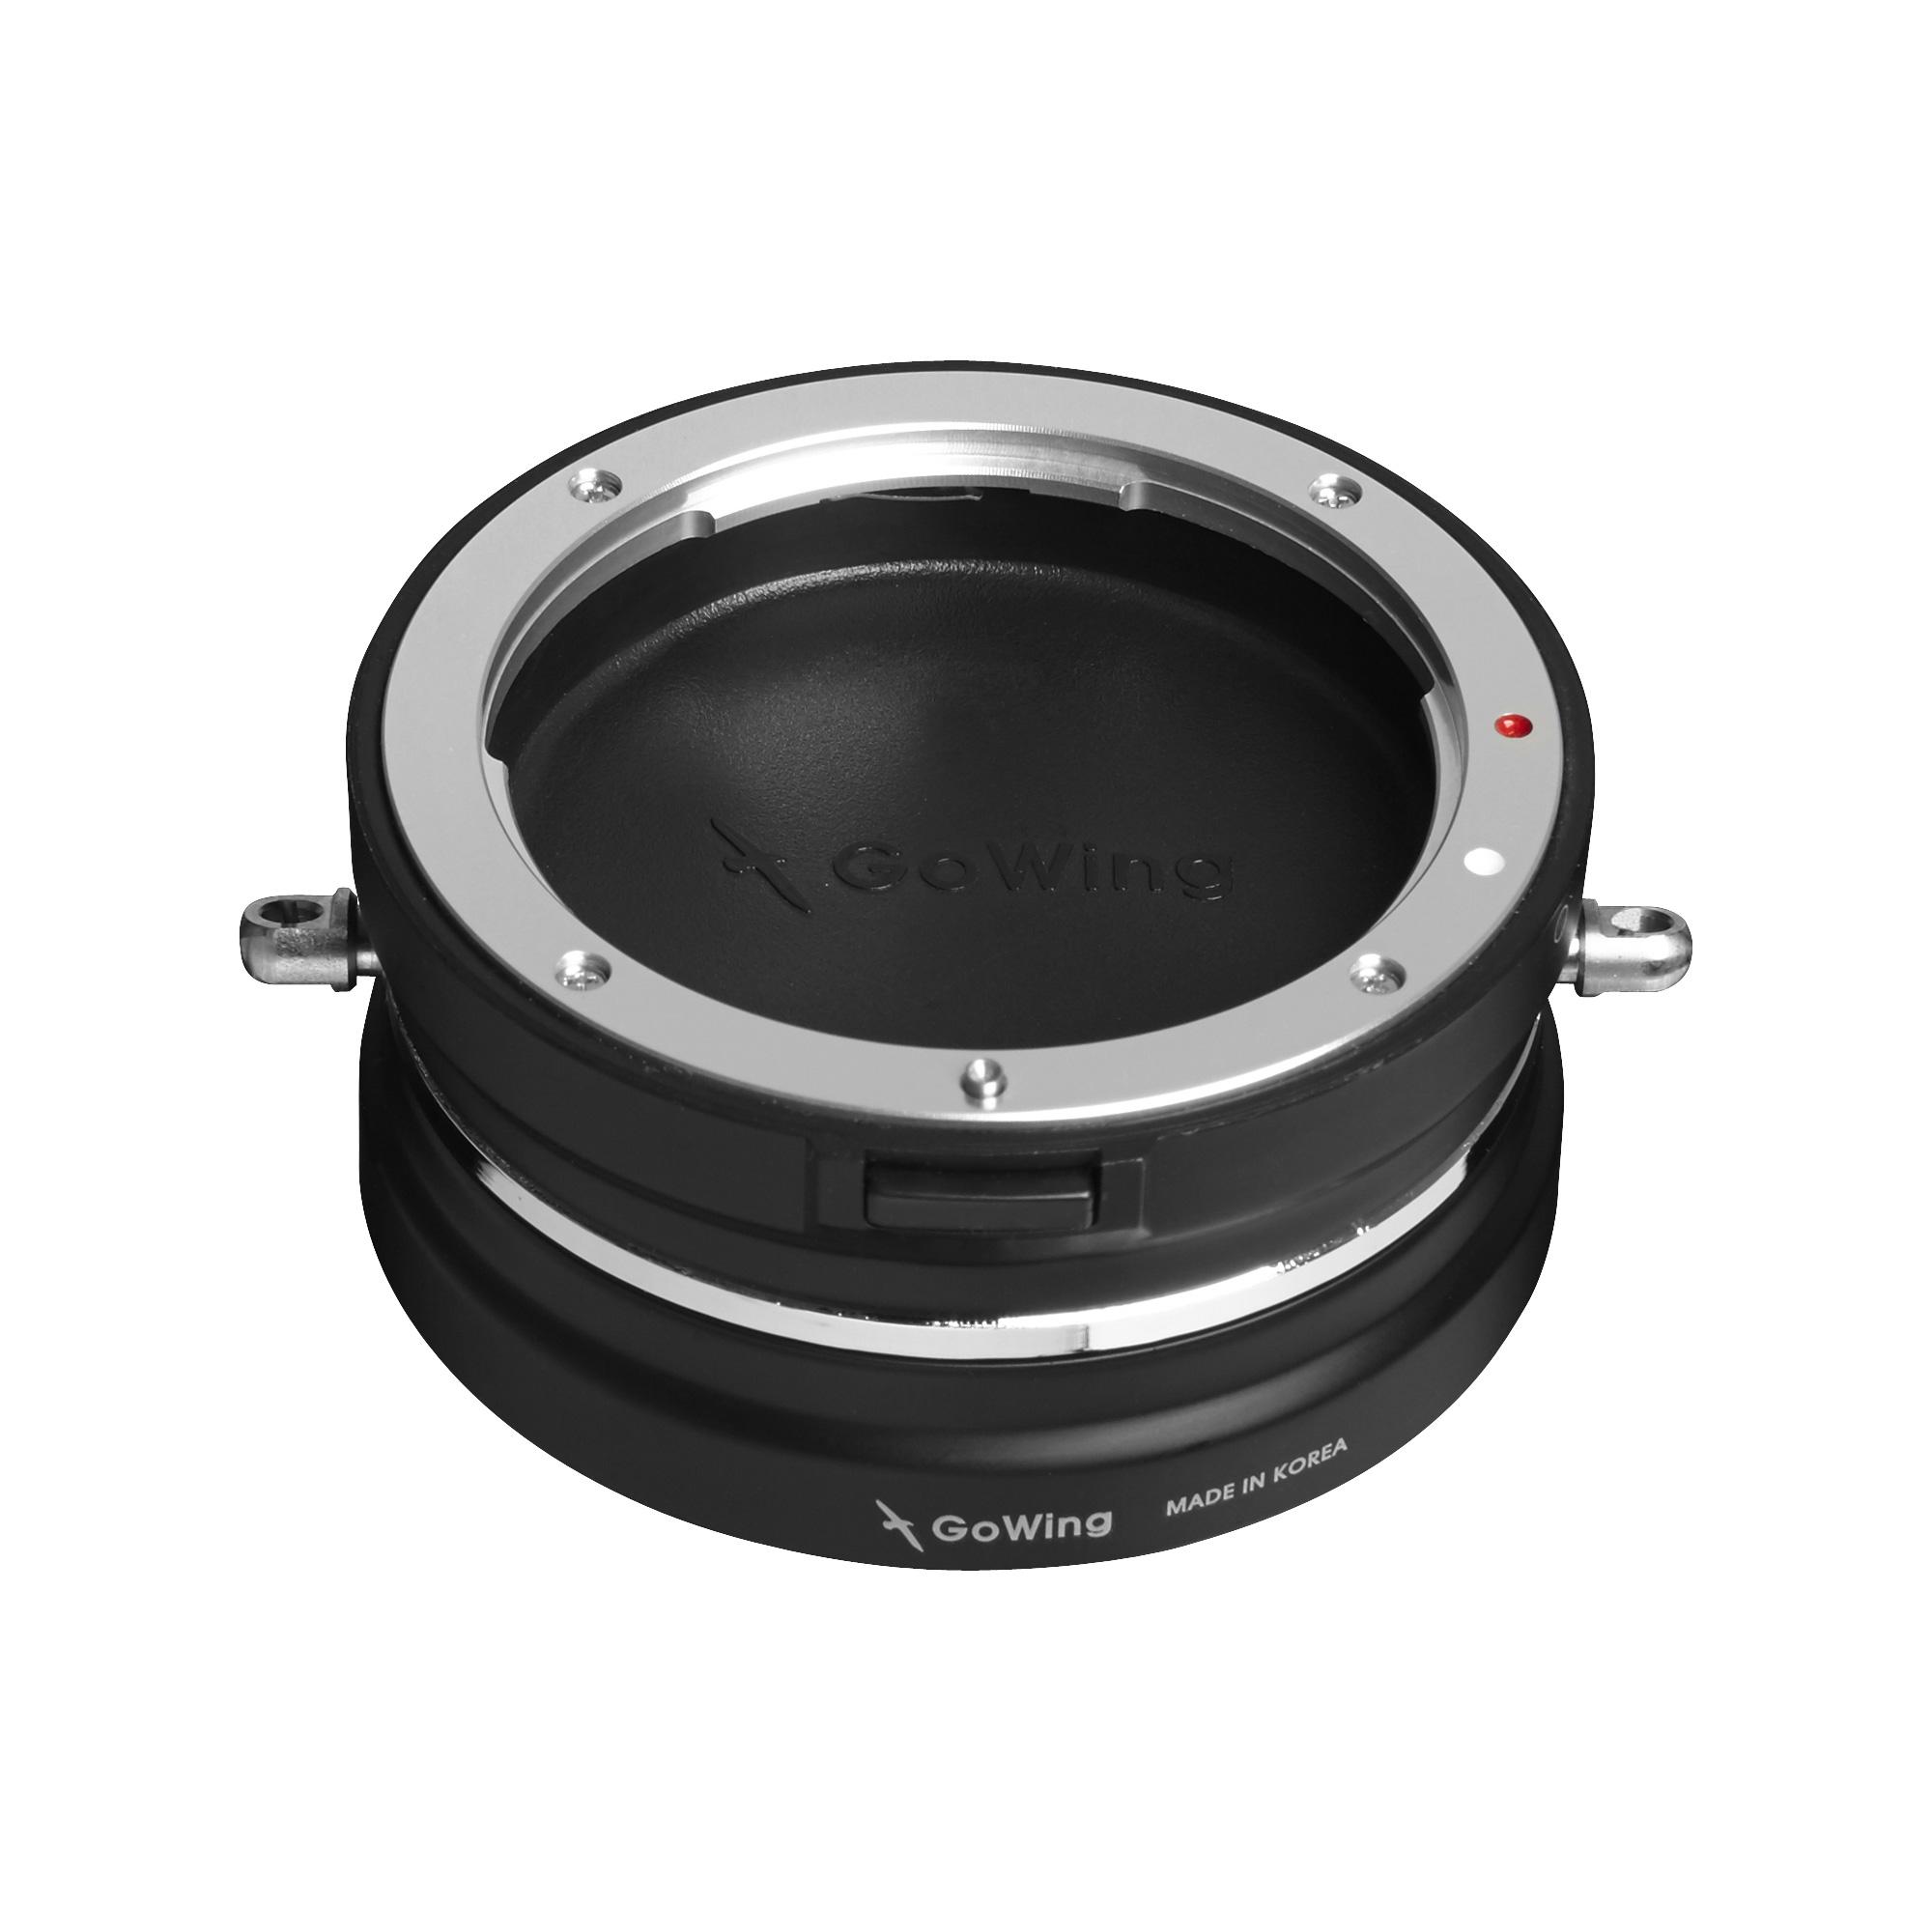 GoWing レンズホルダー・キャップ付き Canon EF-S,EFマウントレンズ用